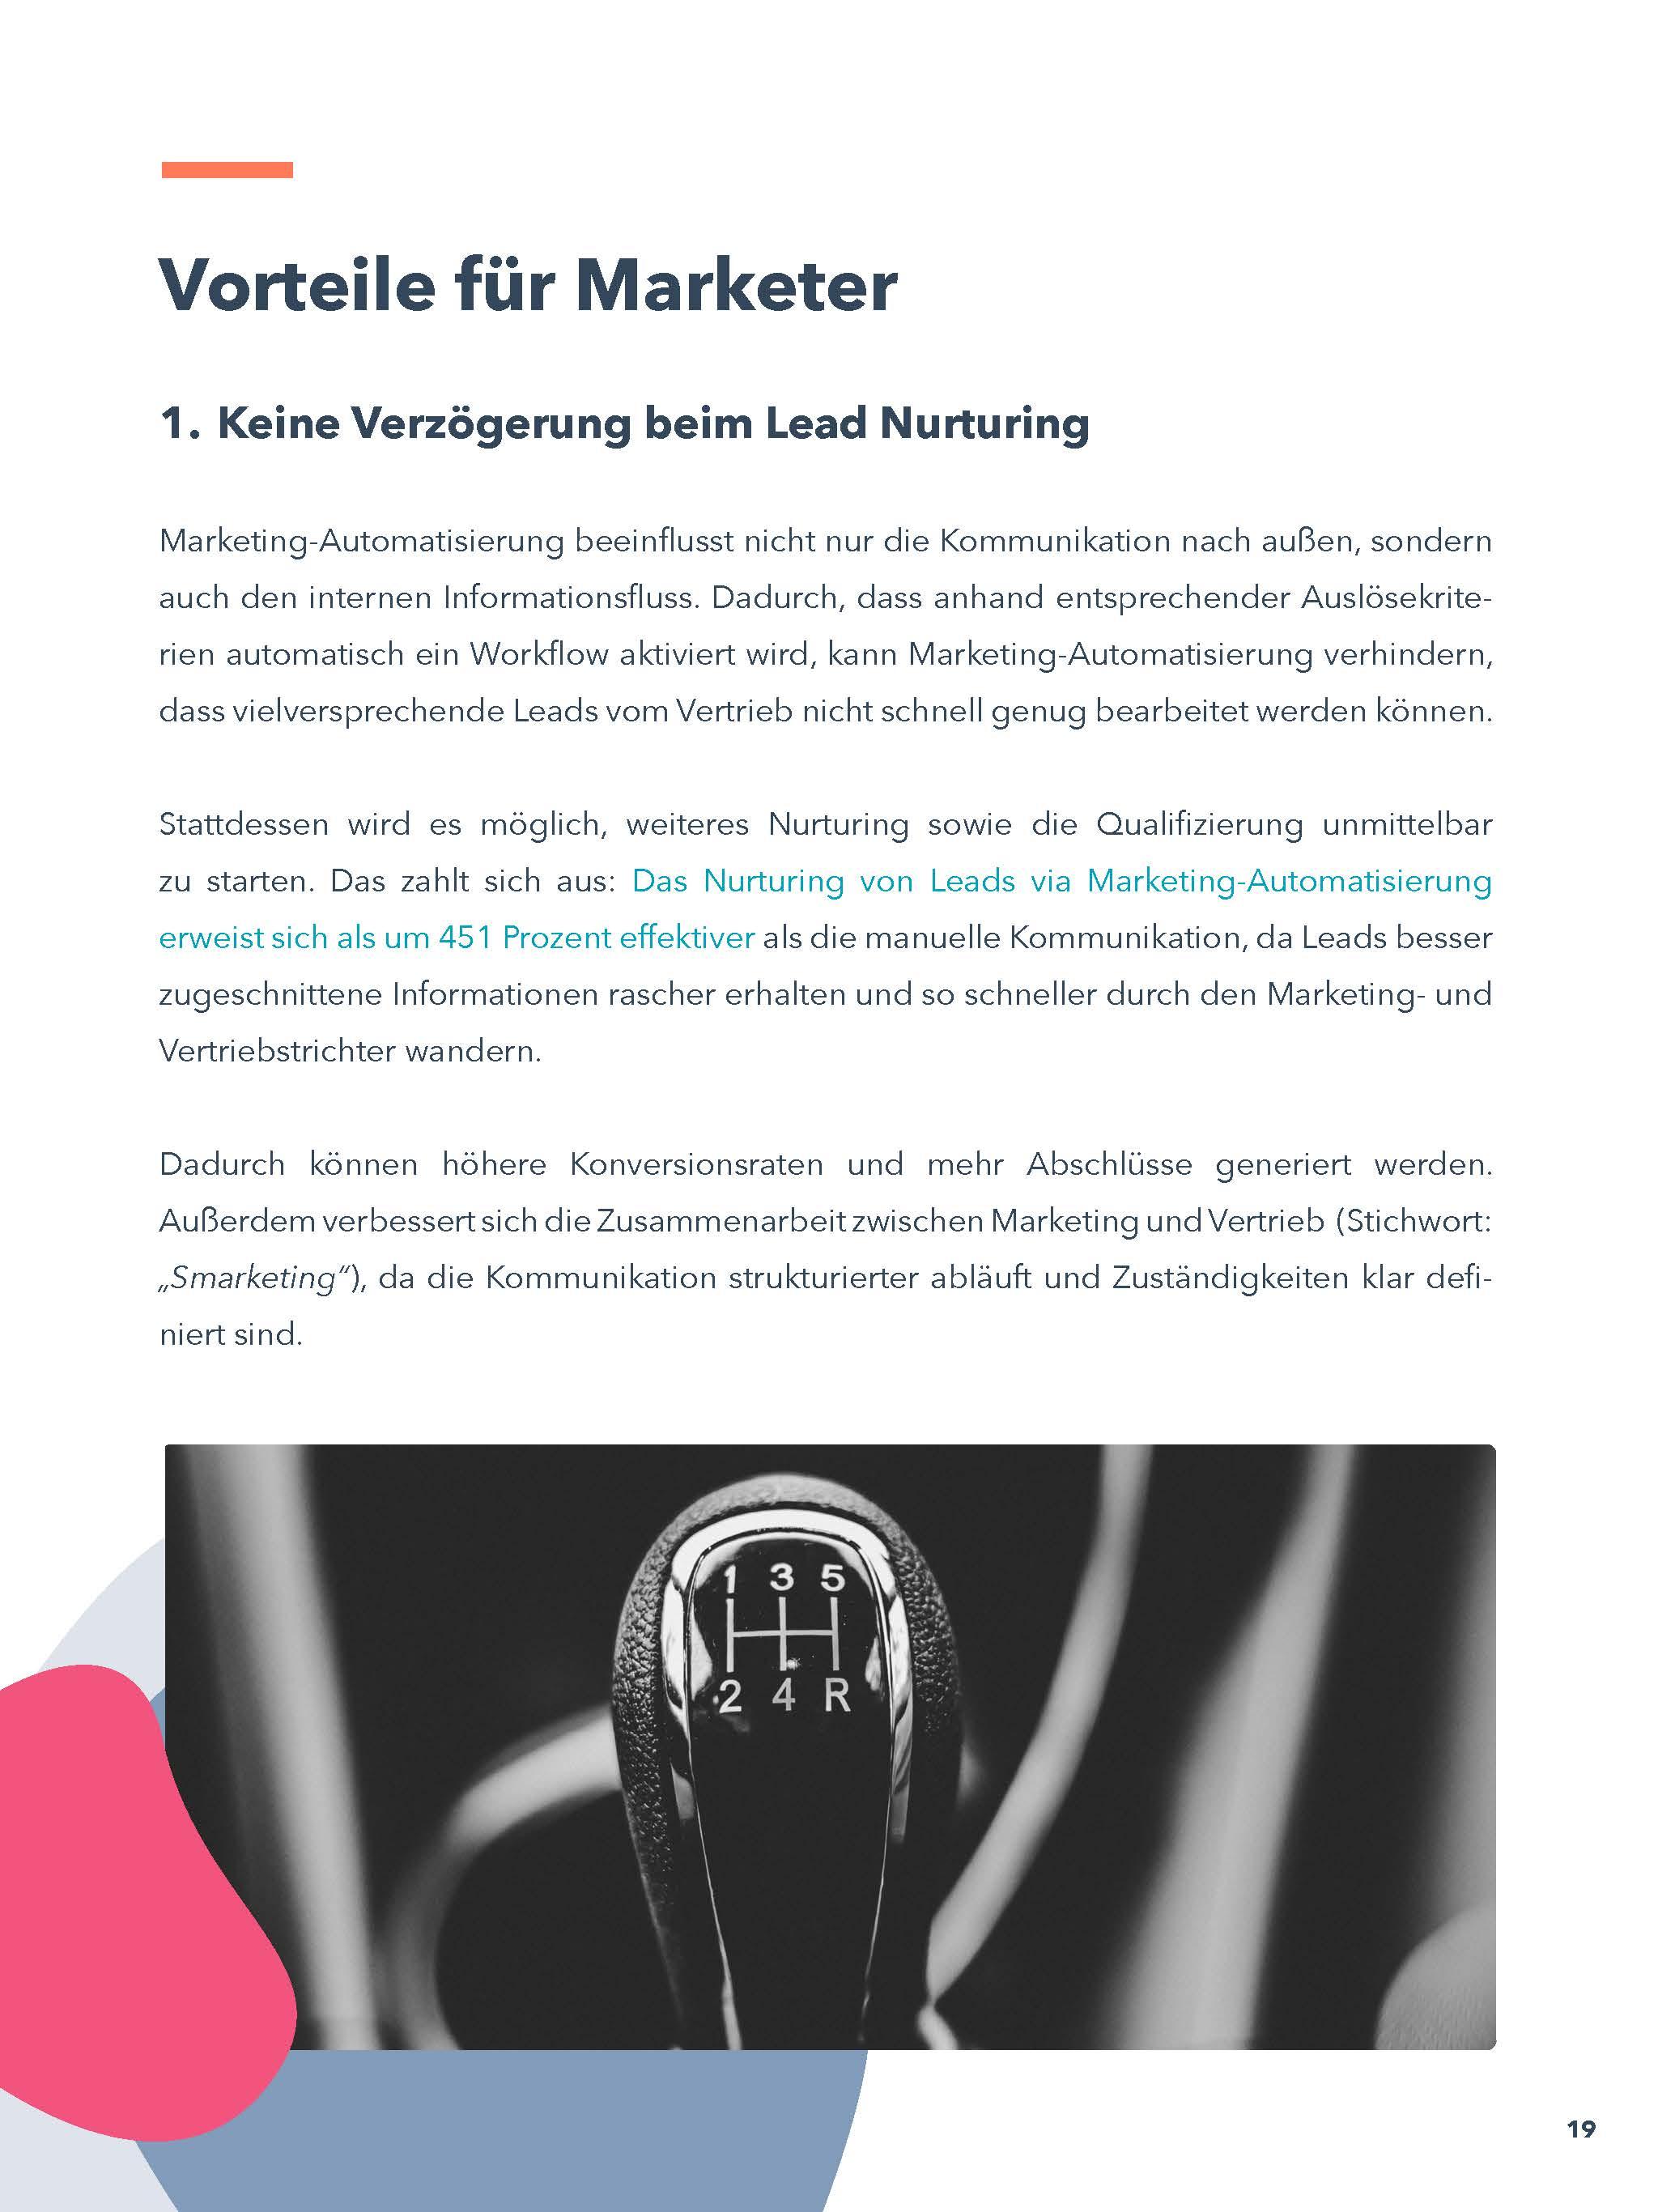 E-Book Vorteile für Marketer